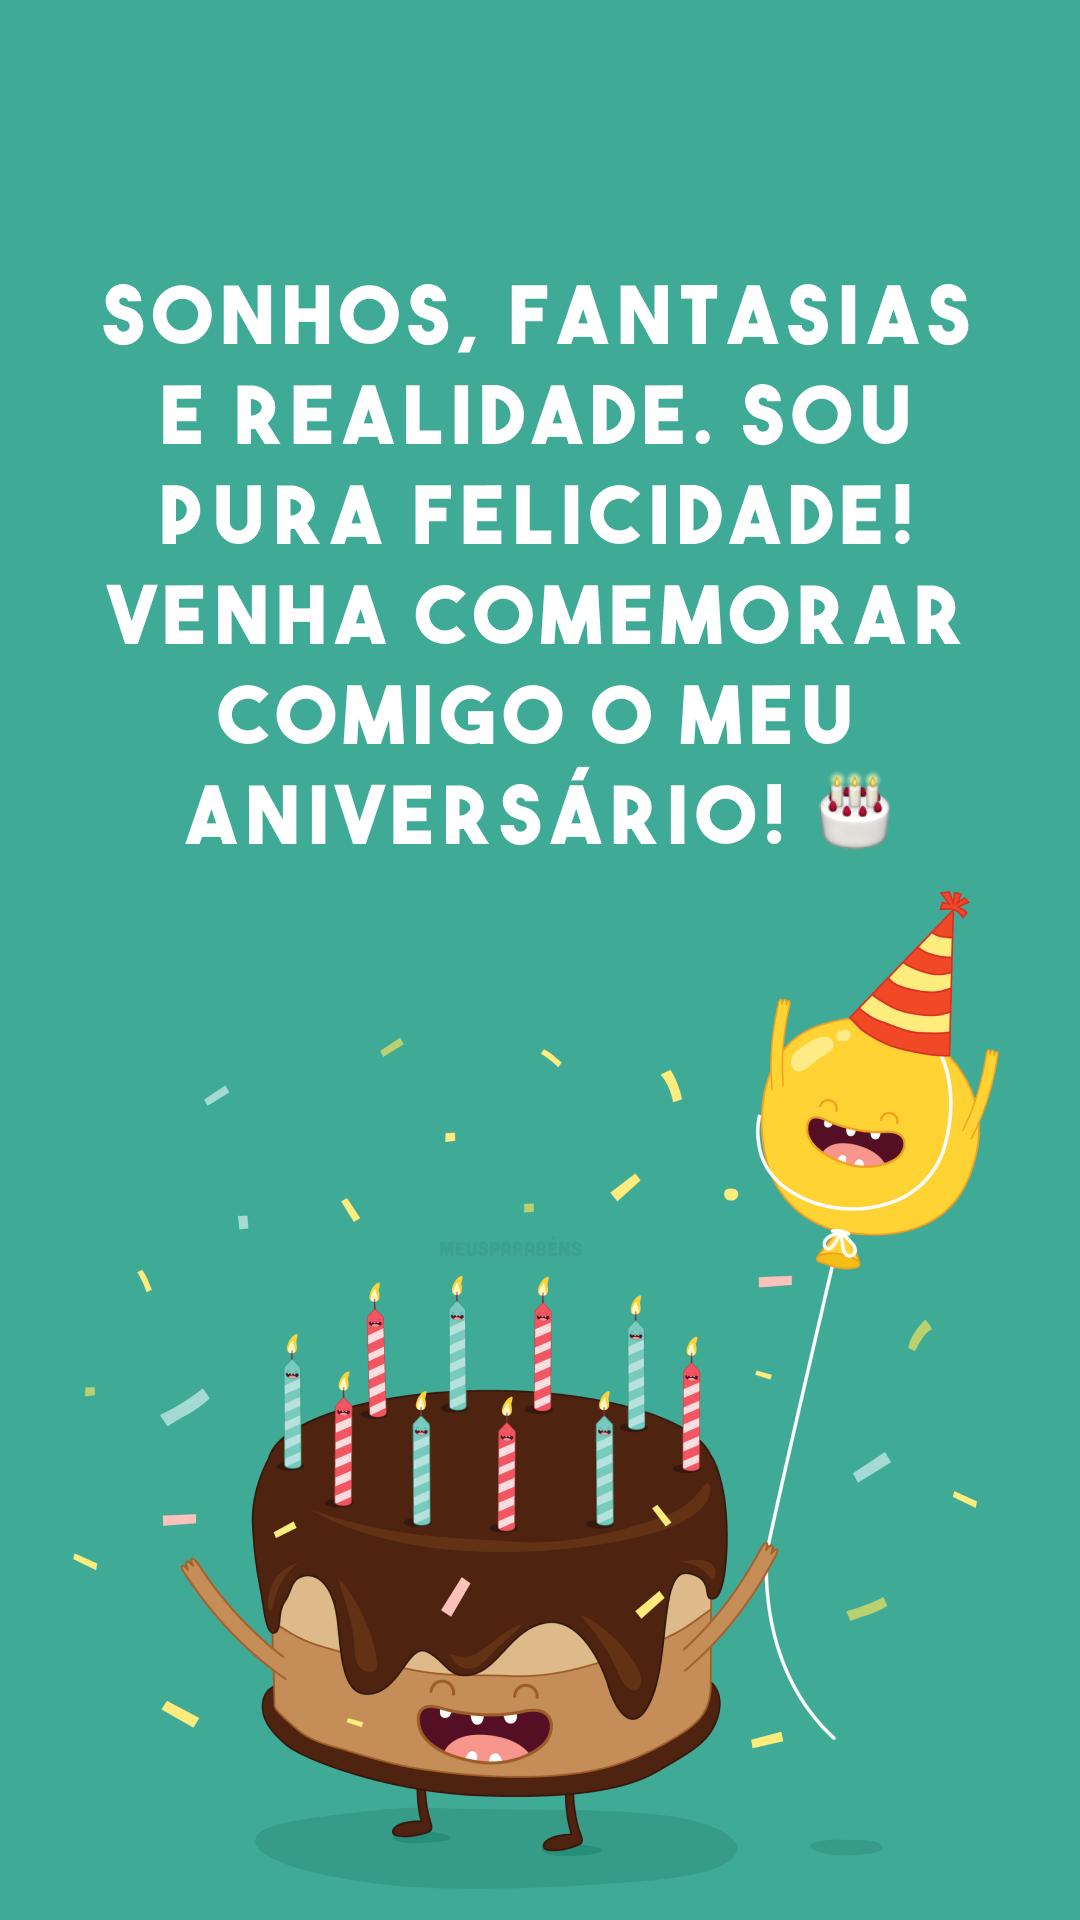 Sonhos, fantasias e realidade. Sou pura felicidade! Venha comemorar comigo o meu aniversário! 🎂